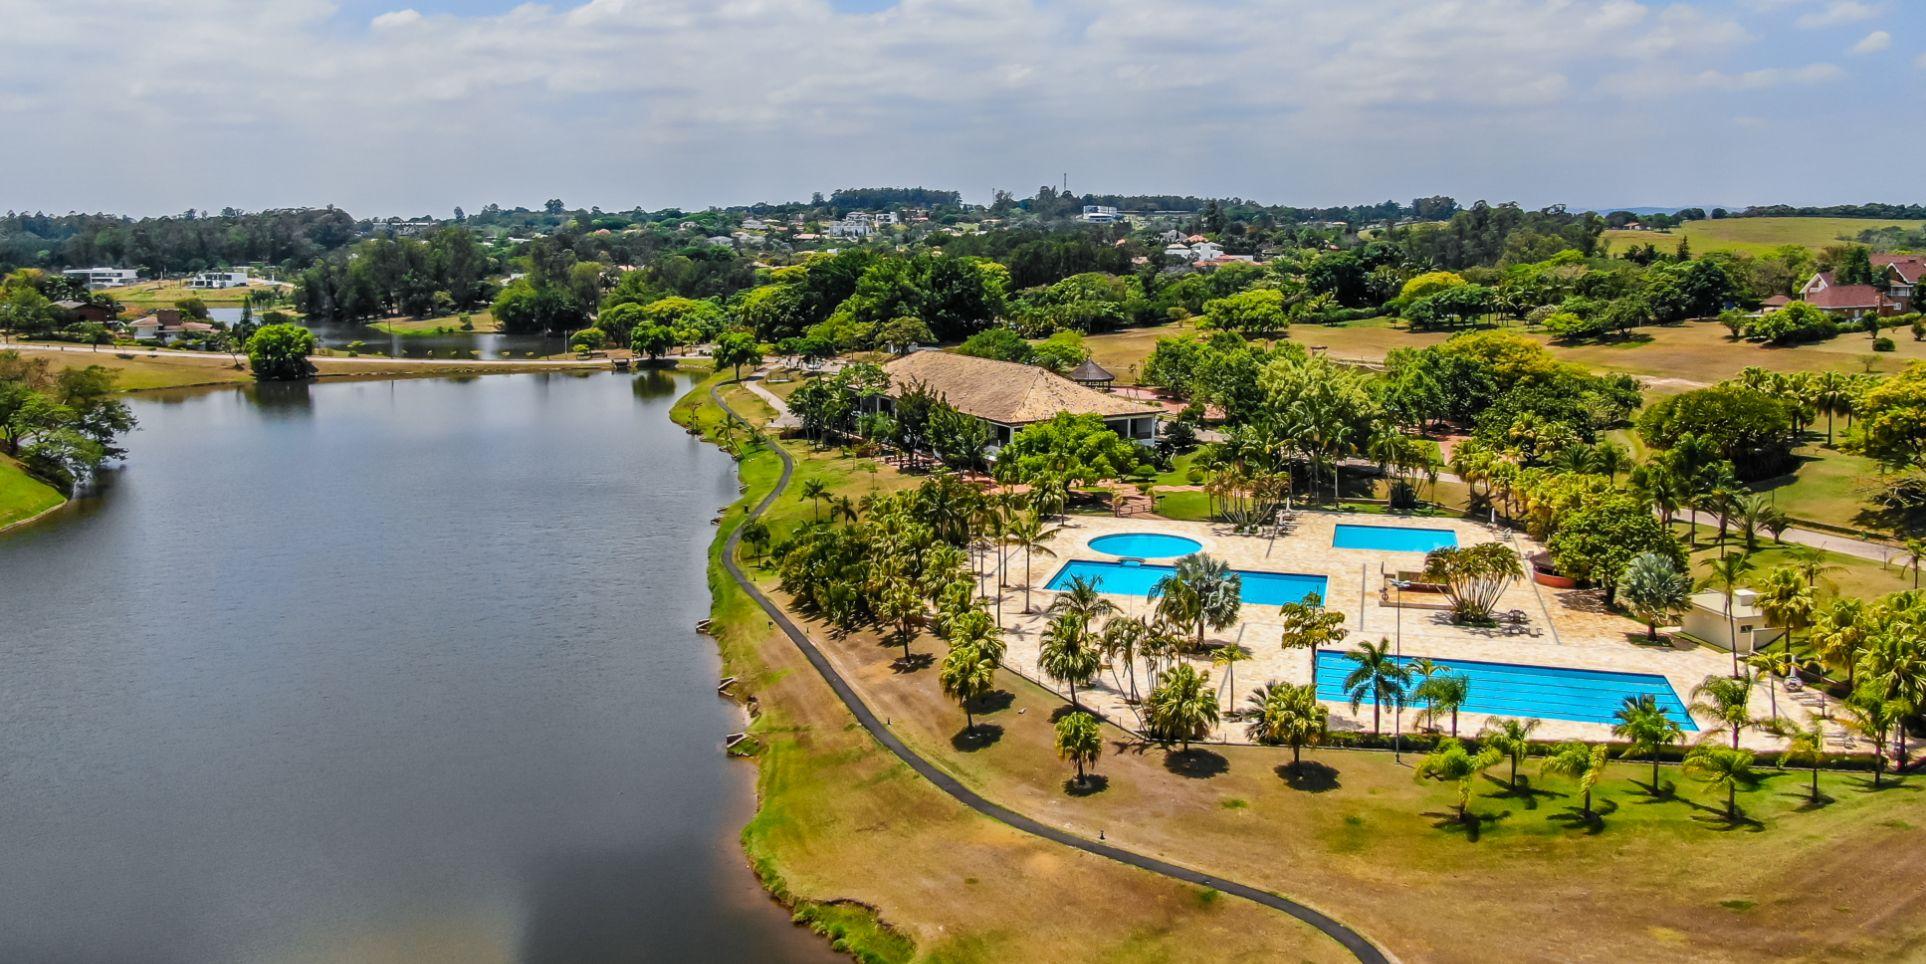 Foto aérea da região do lago e clube